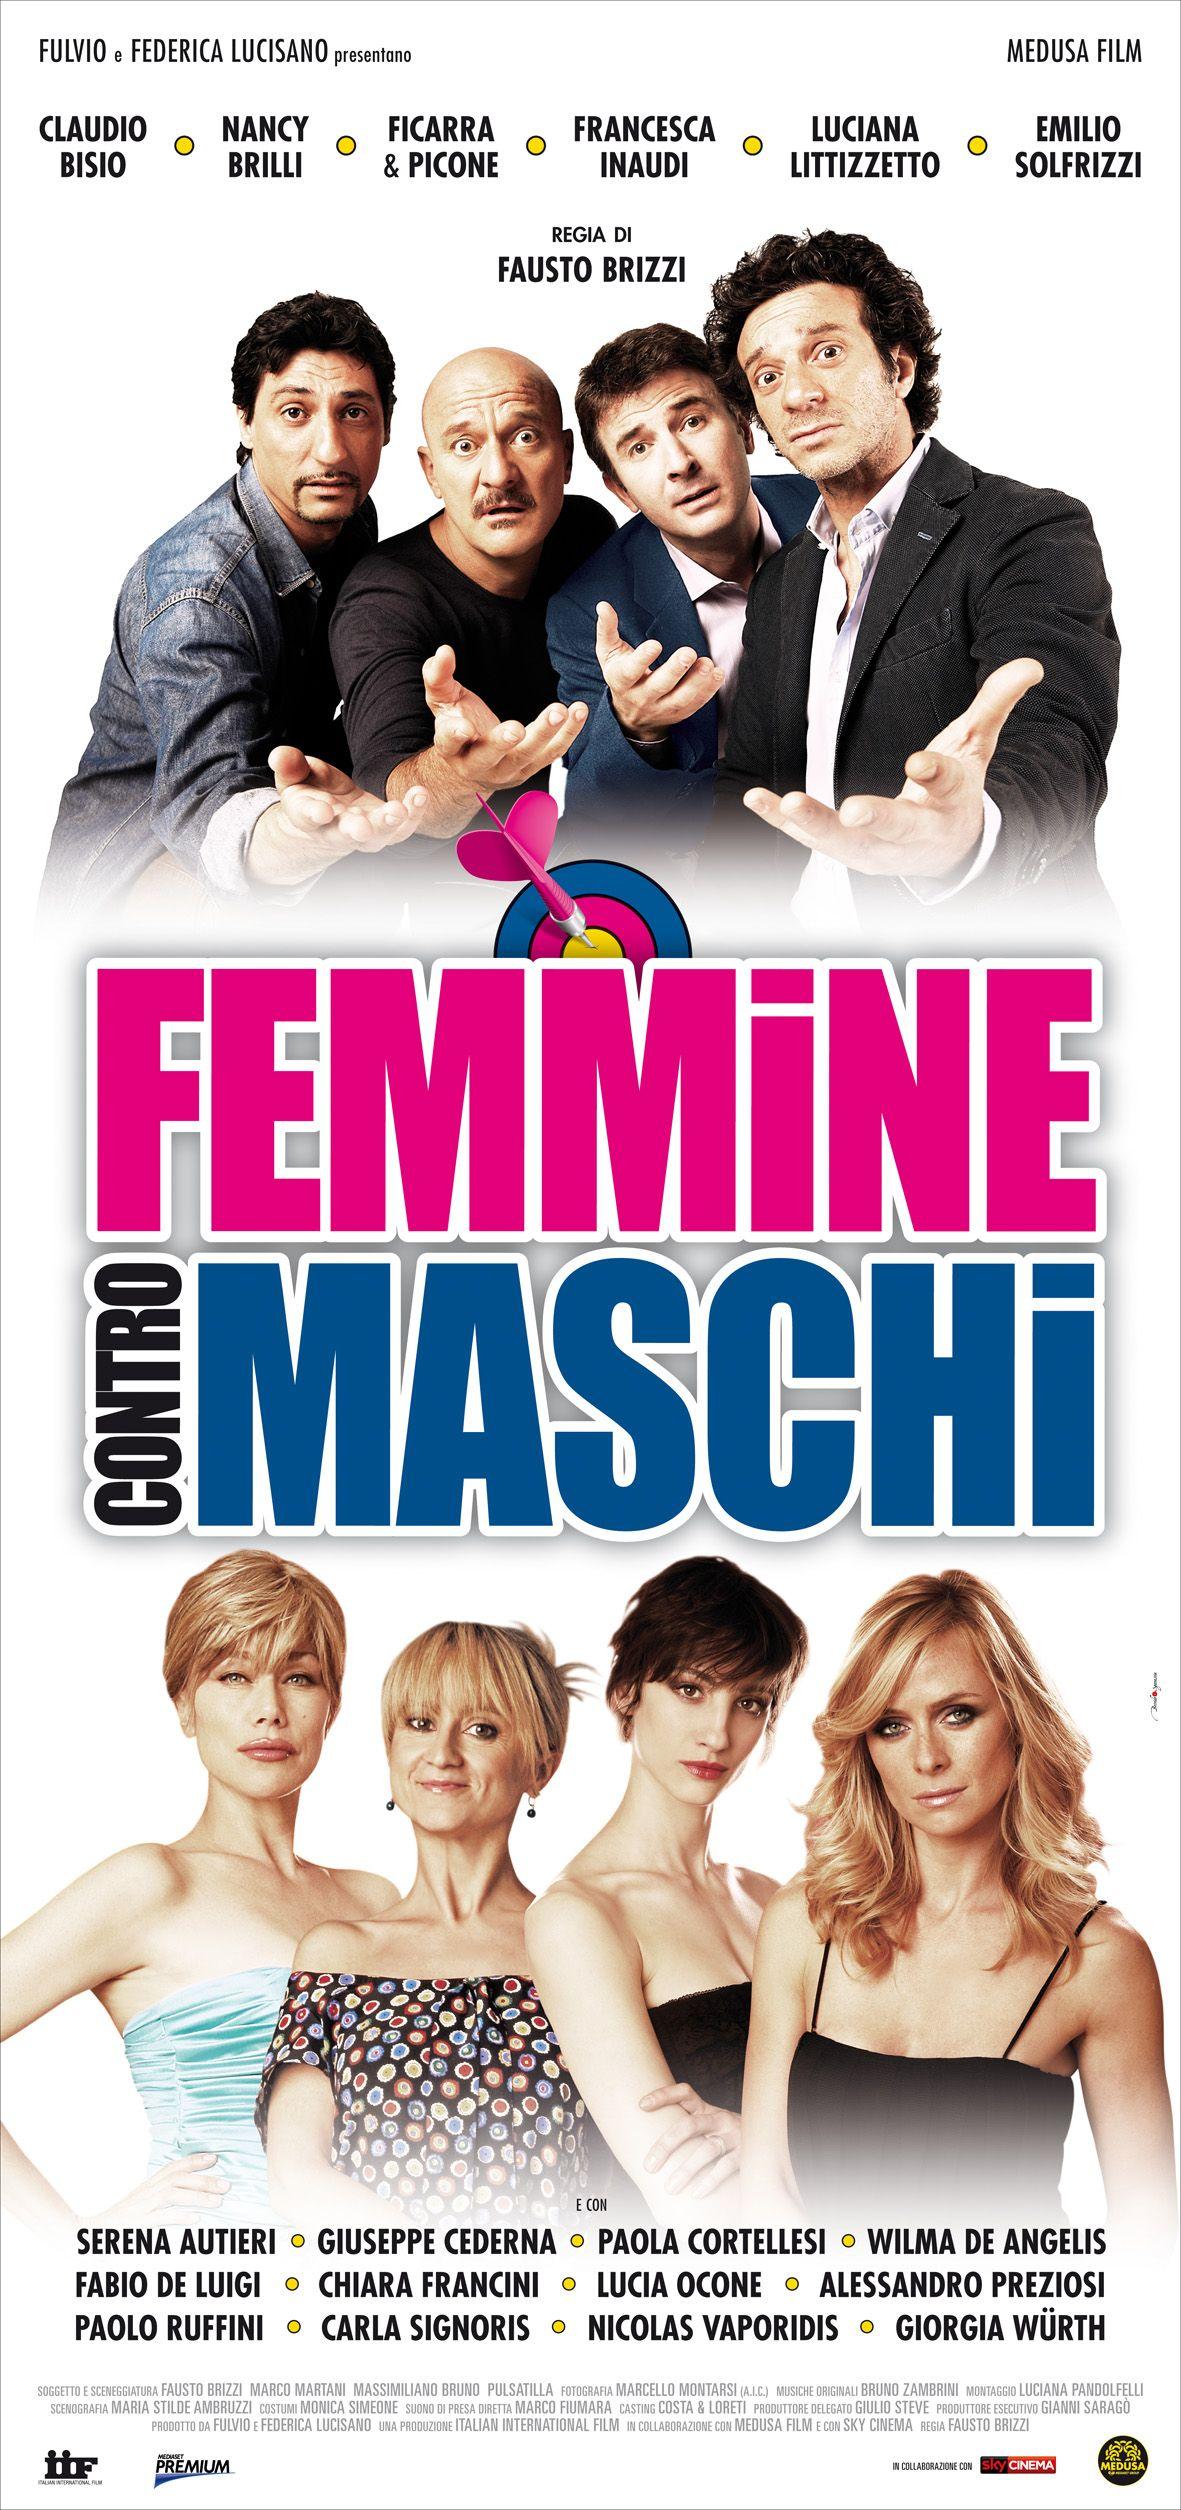 Femmine Contro Maschi Di Fausto Brizzi 2011 Film Femminismo Bellezza Senza Eta